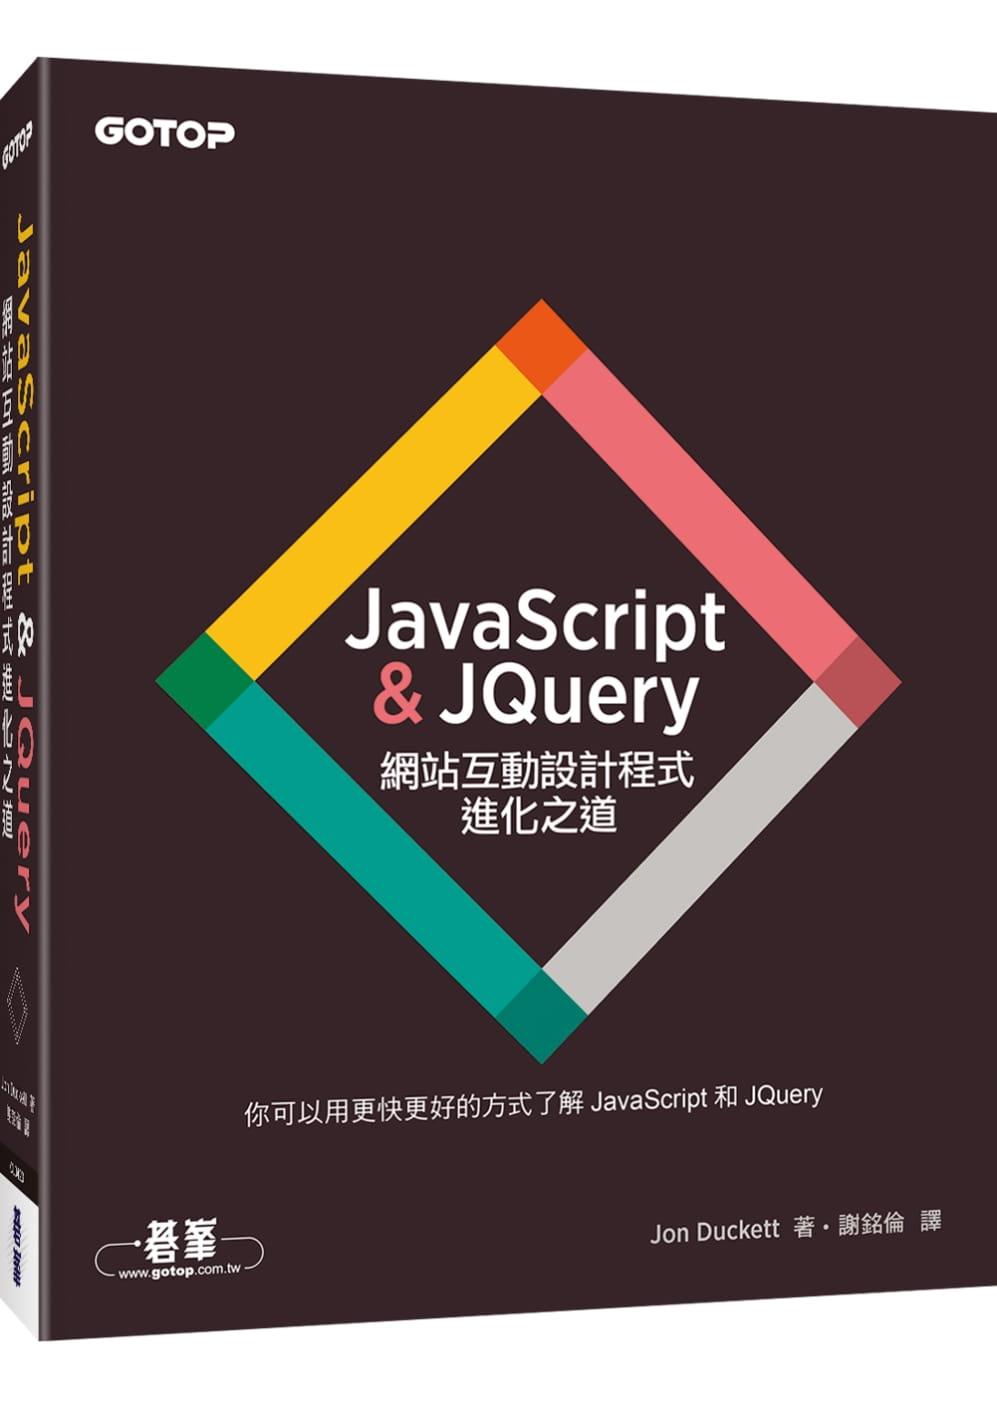 javscript jQuery 推薦入門書籍